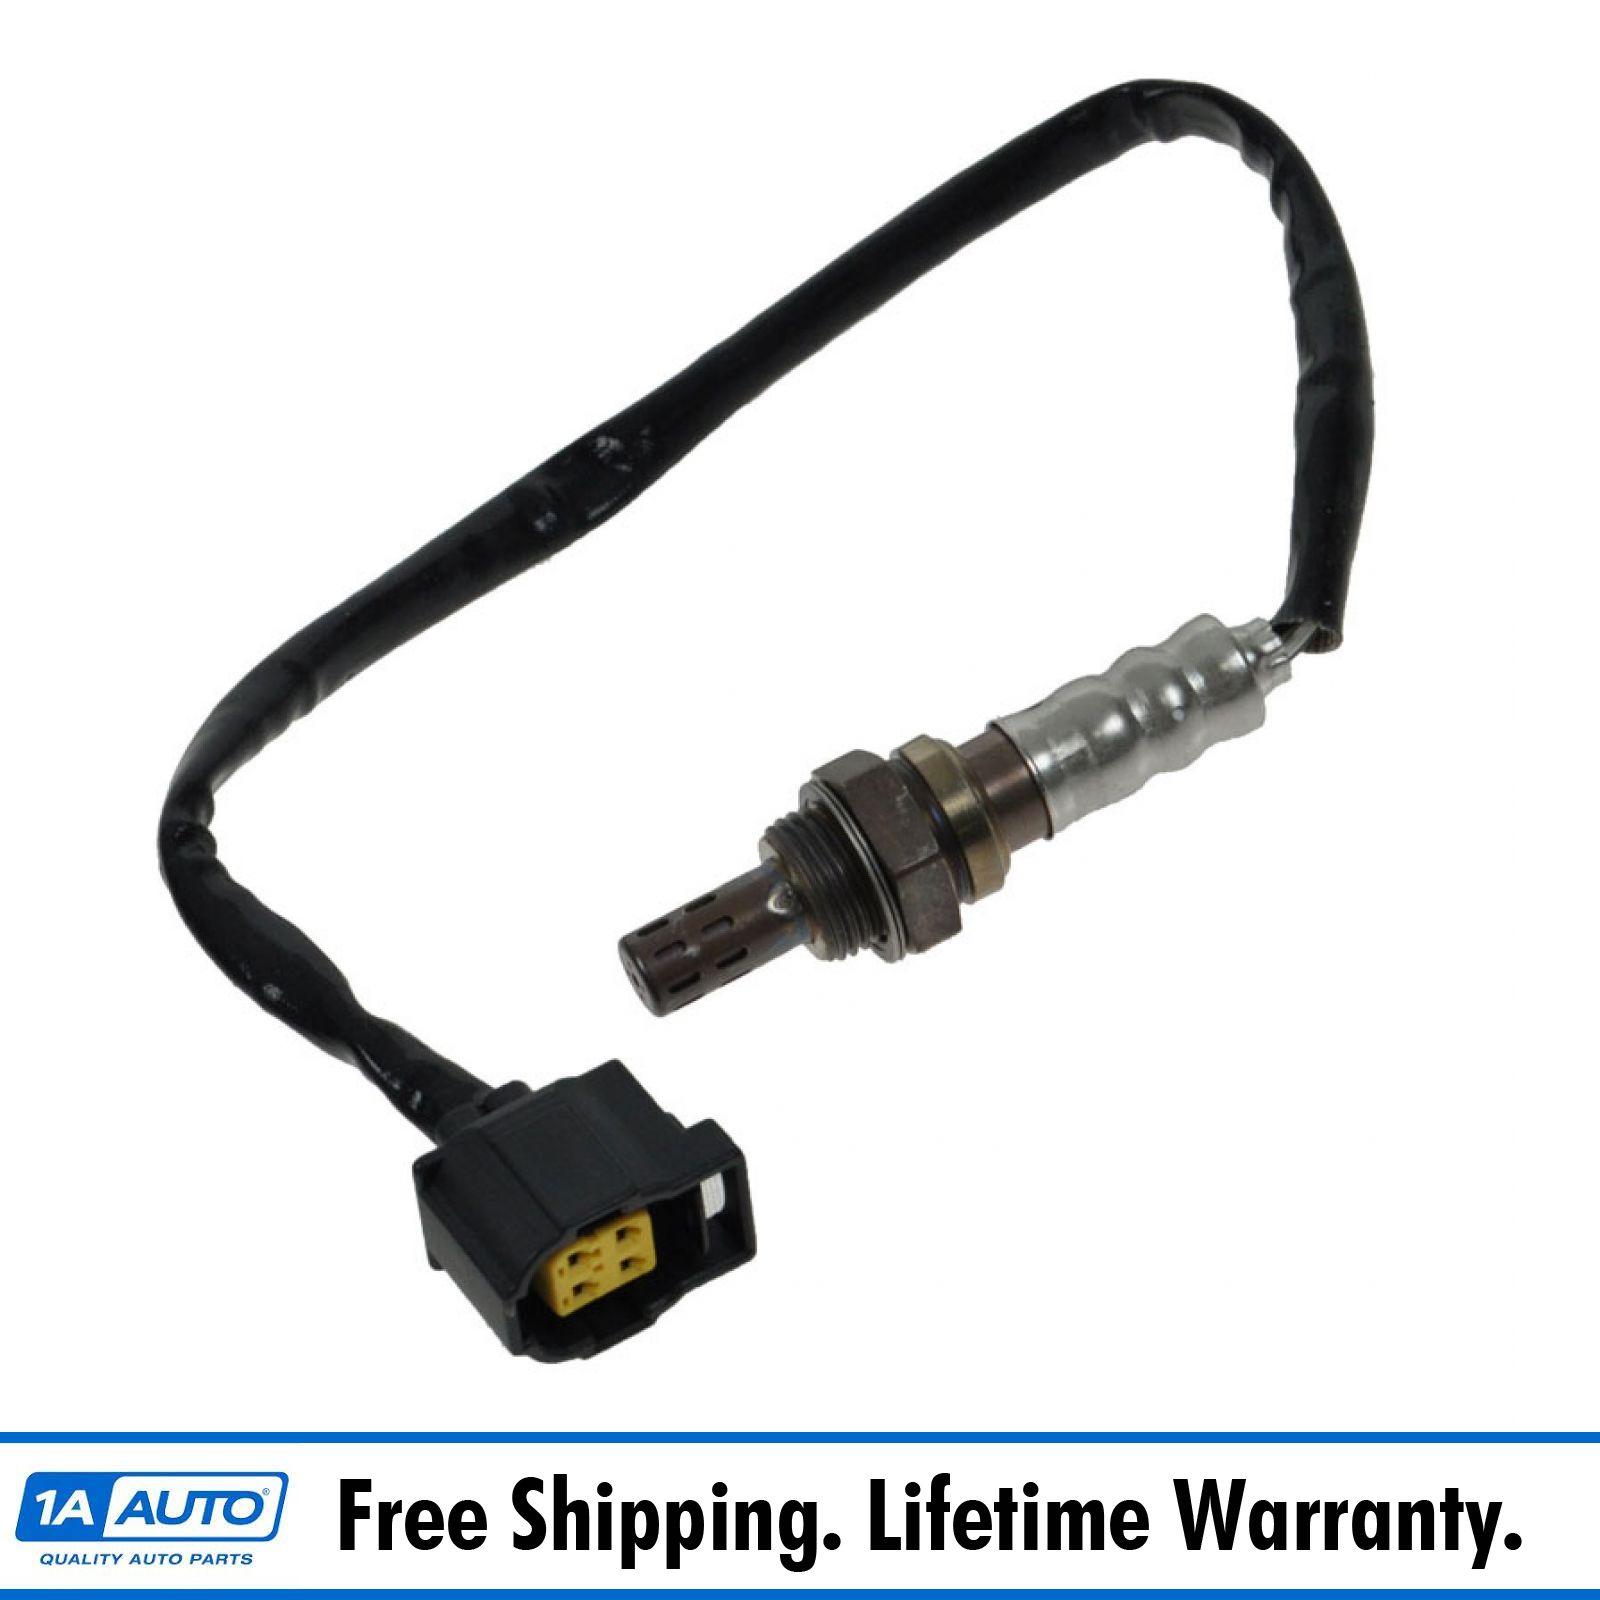 250-24253 Walker Products O2 Oxygen Sensor Driver or Passenger Side New for VW